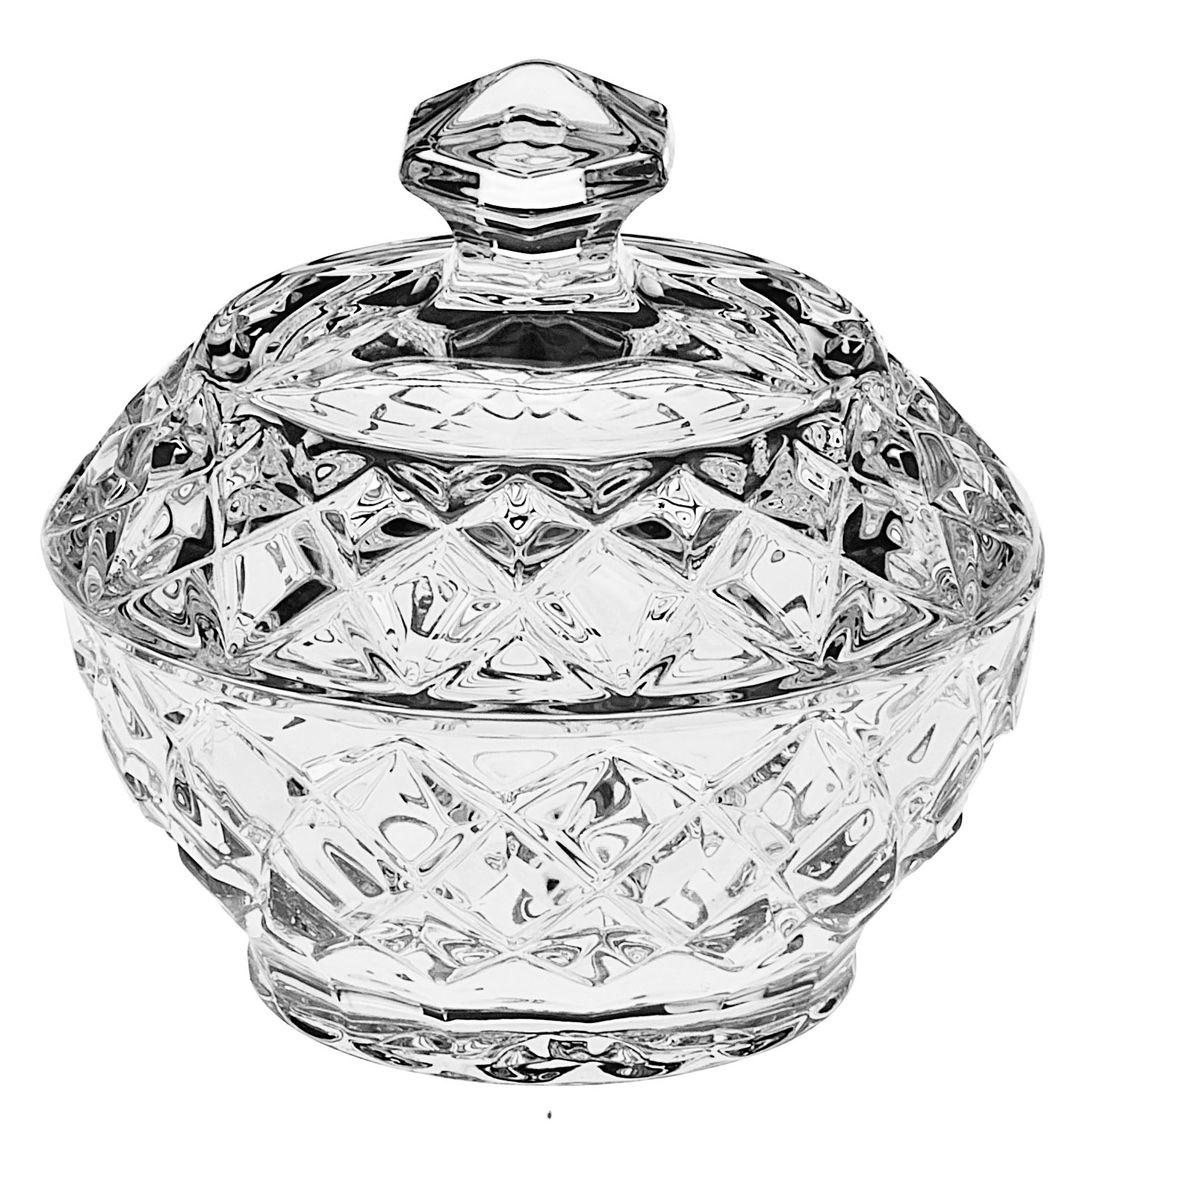 Доза Crystal Bohemia, диаметр 9,6 см4711Доза Crystal Bohemia выполнена из прочного высококачественного хрусталя. Она излучает приятный блеск и издает мелодичный звон. Доза сочетает в себе изысканный дизайн с максимальной функциональностью. Доза не только украсит дом и подчеркнет ваш прекрасный вкус, но и станет отличным подарком.